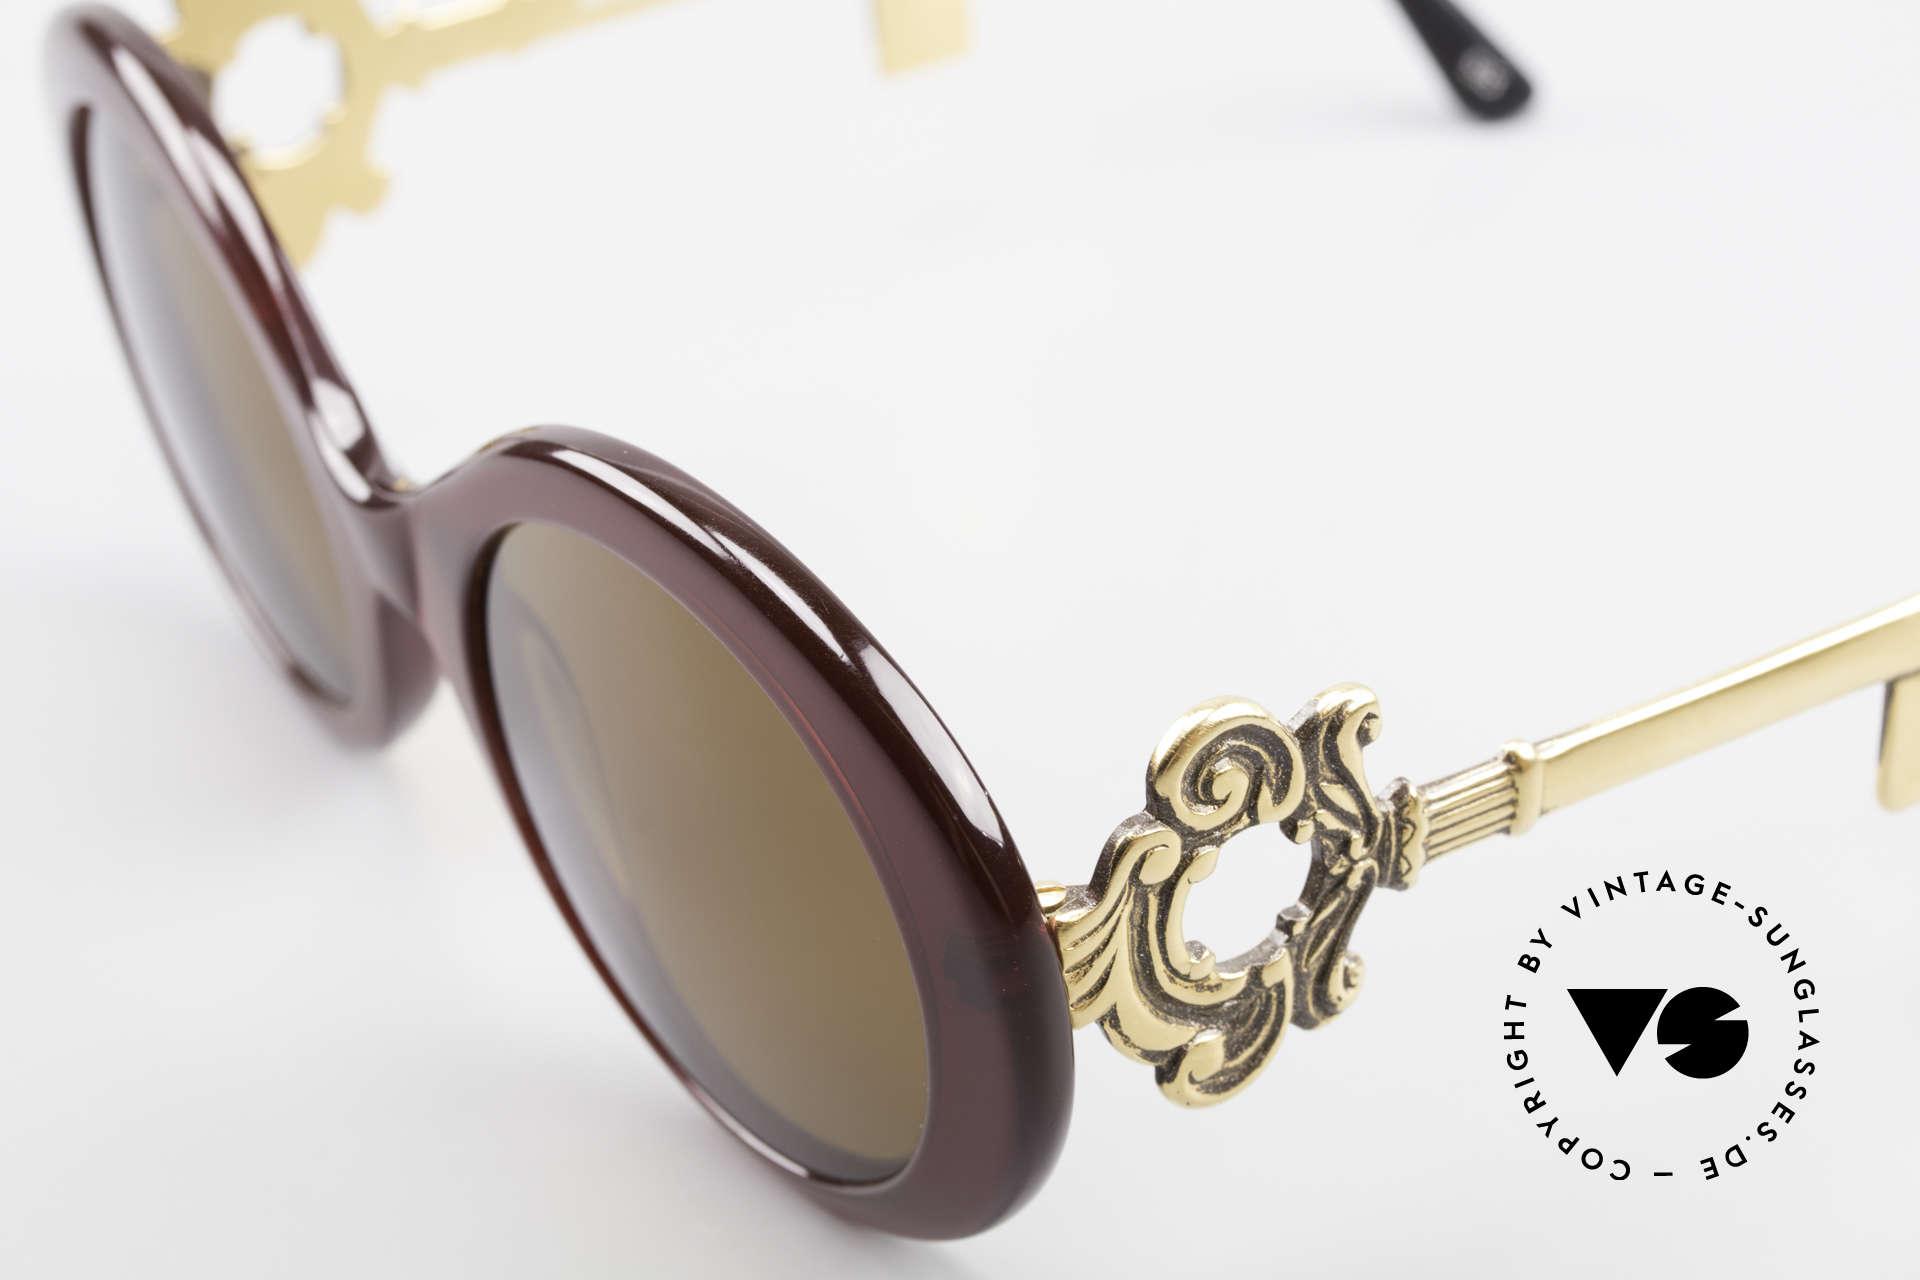 Moschino M254 Antique Key Sunglasses Rare, never worn (like all our Moschino designer frames), Made for Women